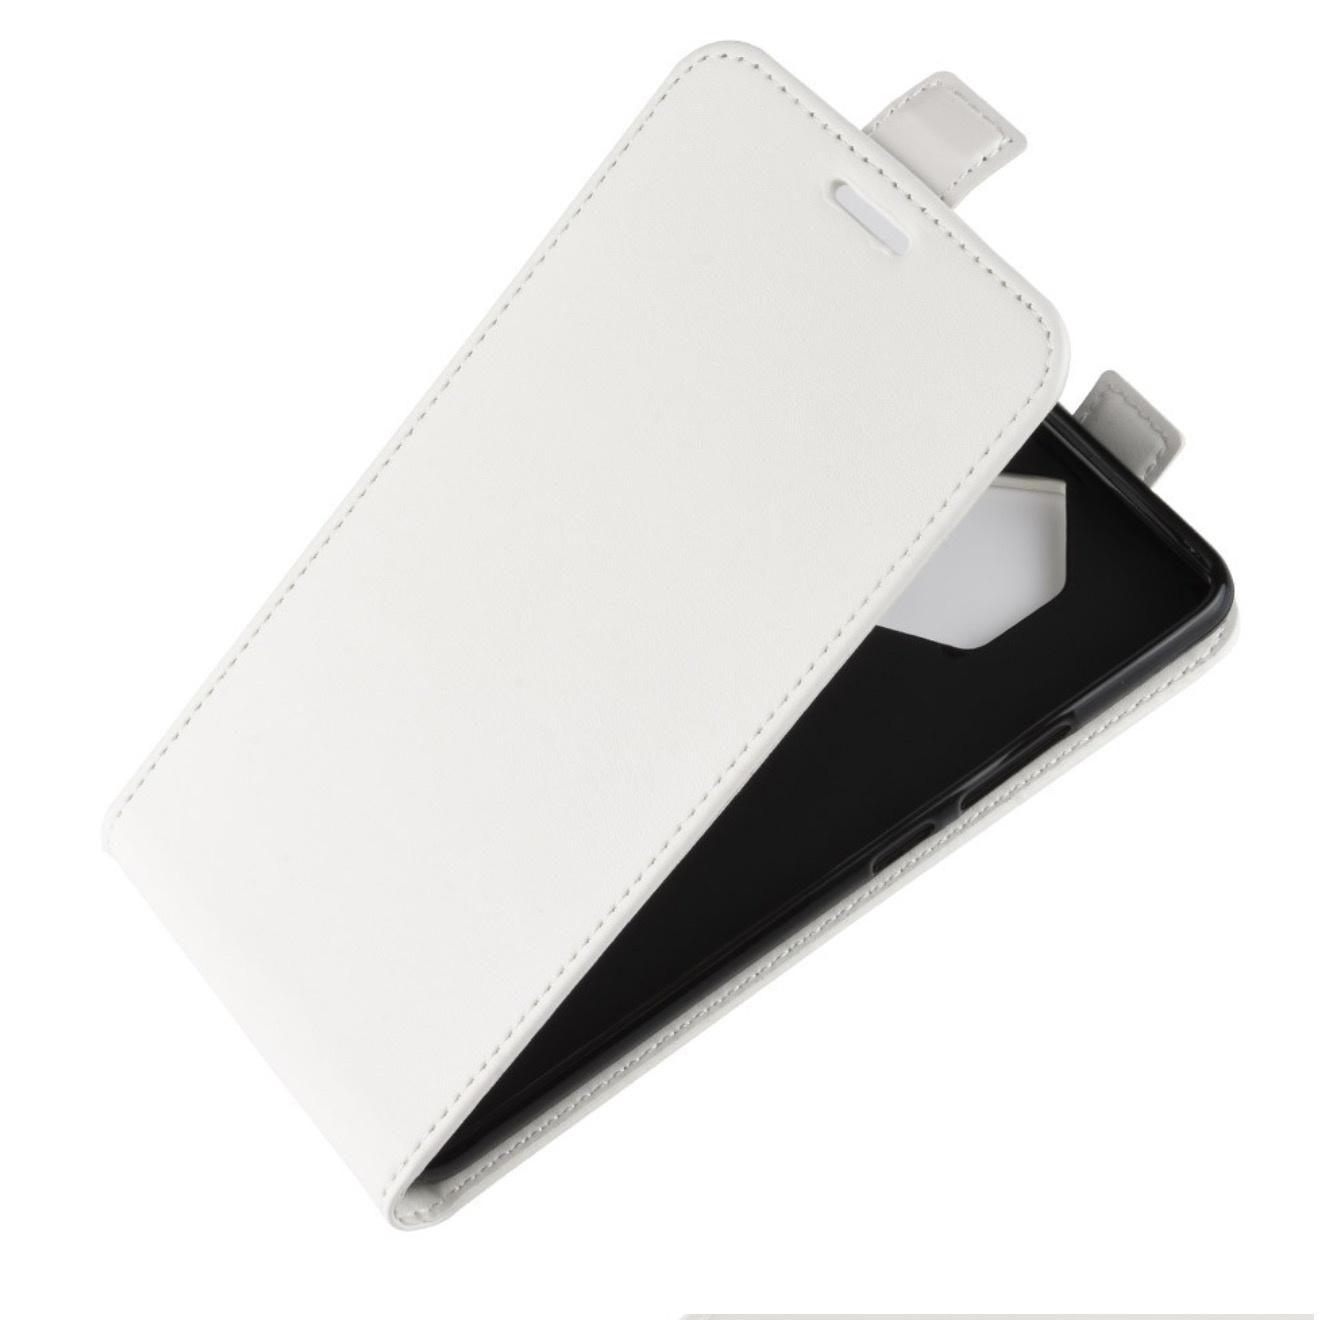 ФЧехол-флип MyPads для Digma VOX S501 3G вертикальный откидной белый смартфон digma s501 3g navitel vox красный